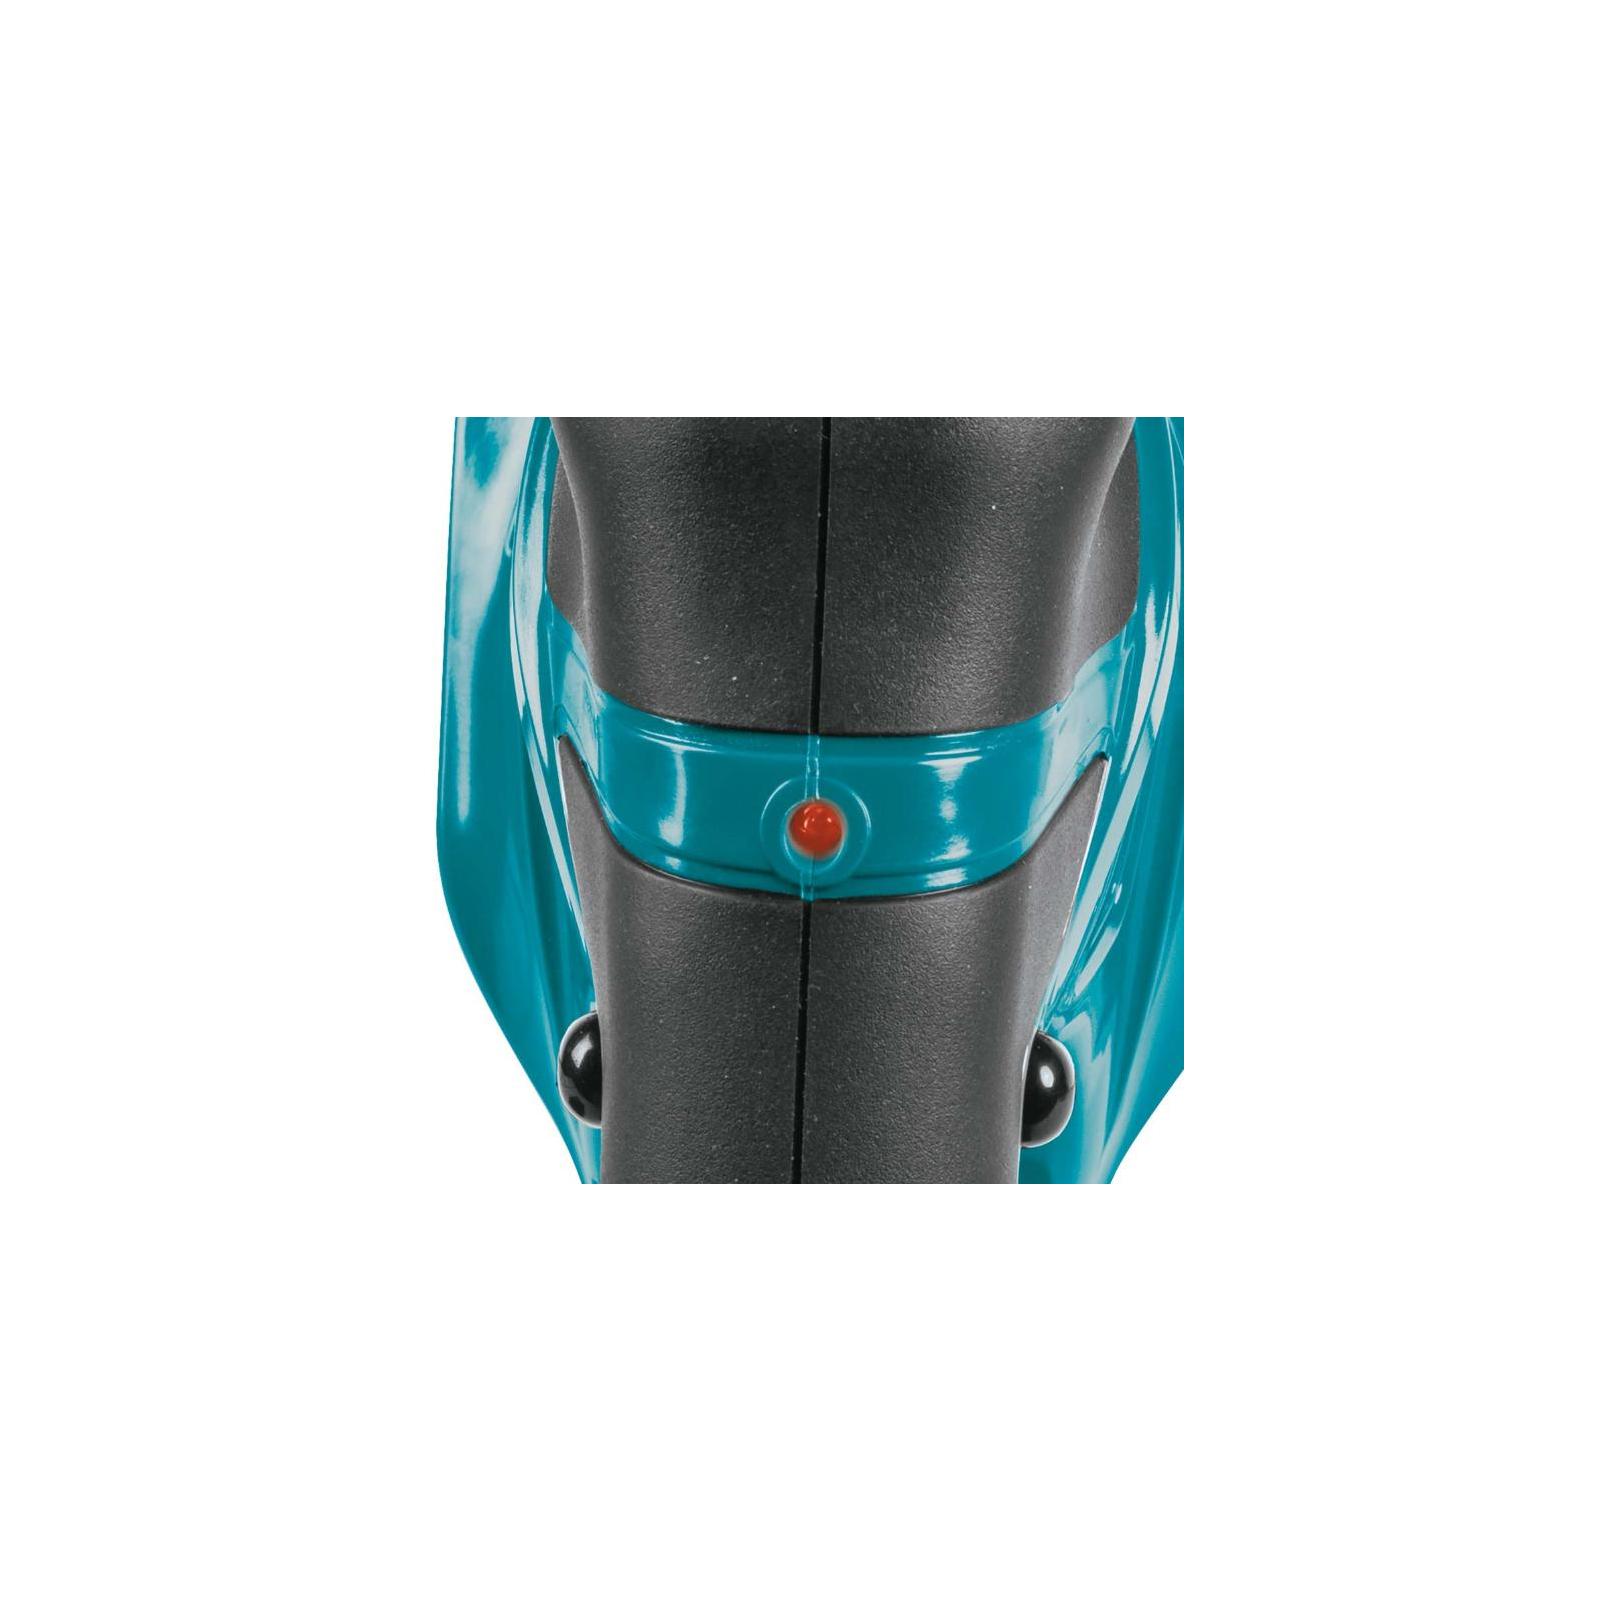 Кусторез Makita для травы аккумуляторные LXT, 18В, 160мм (DUM604Z) изображение 6